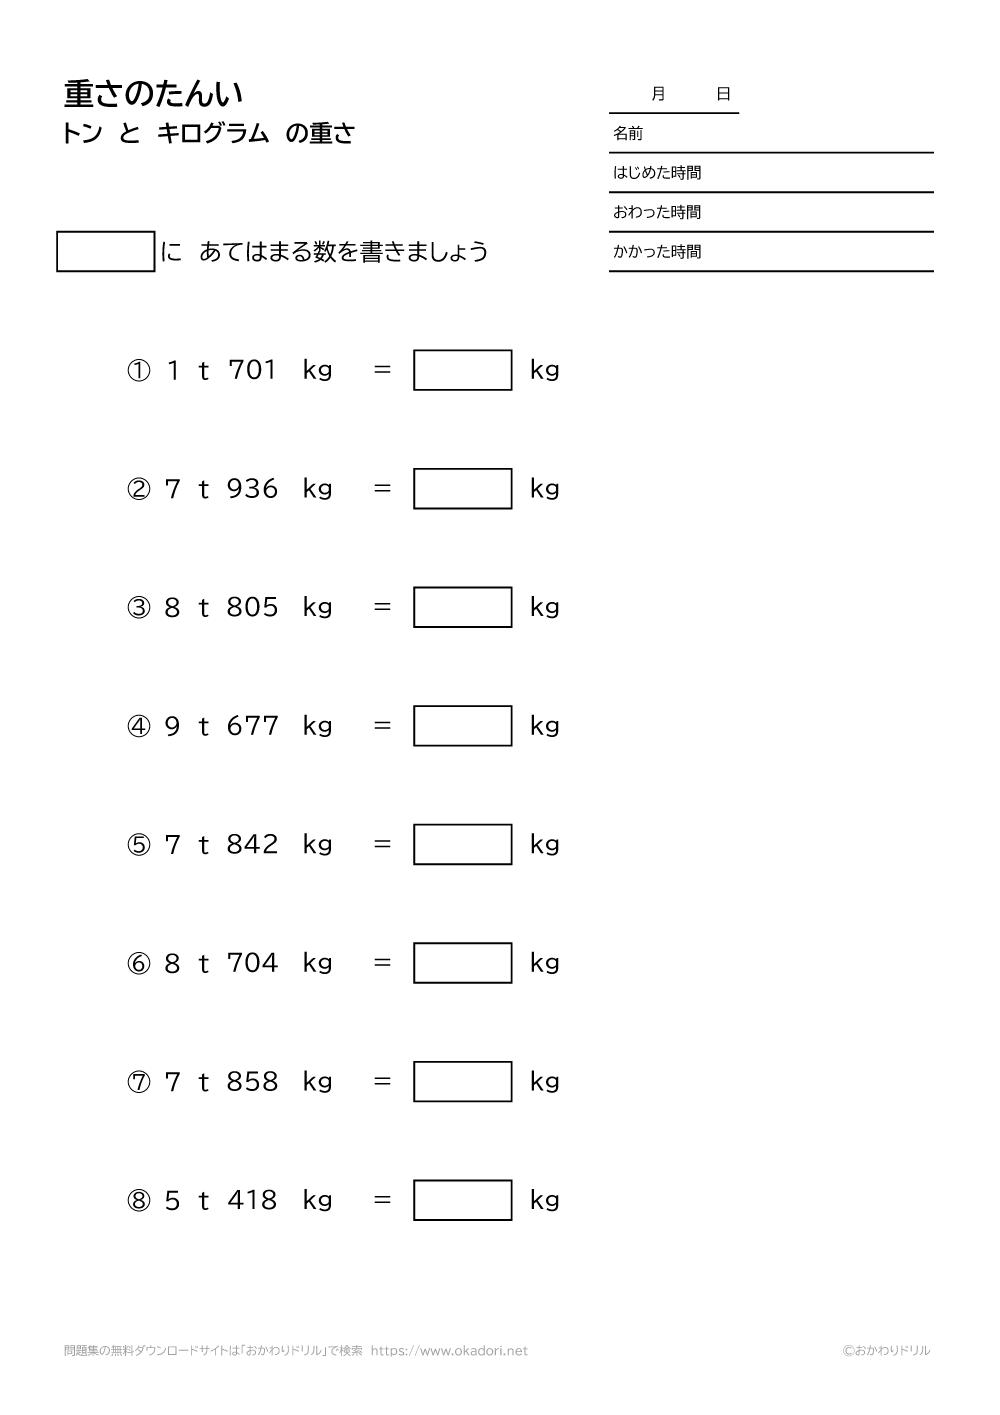 トンとキログラムの重さの単位-2-3